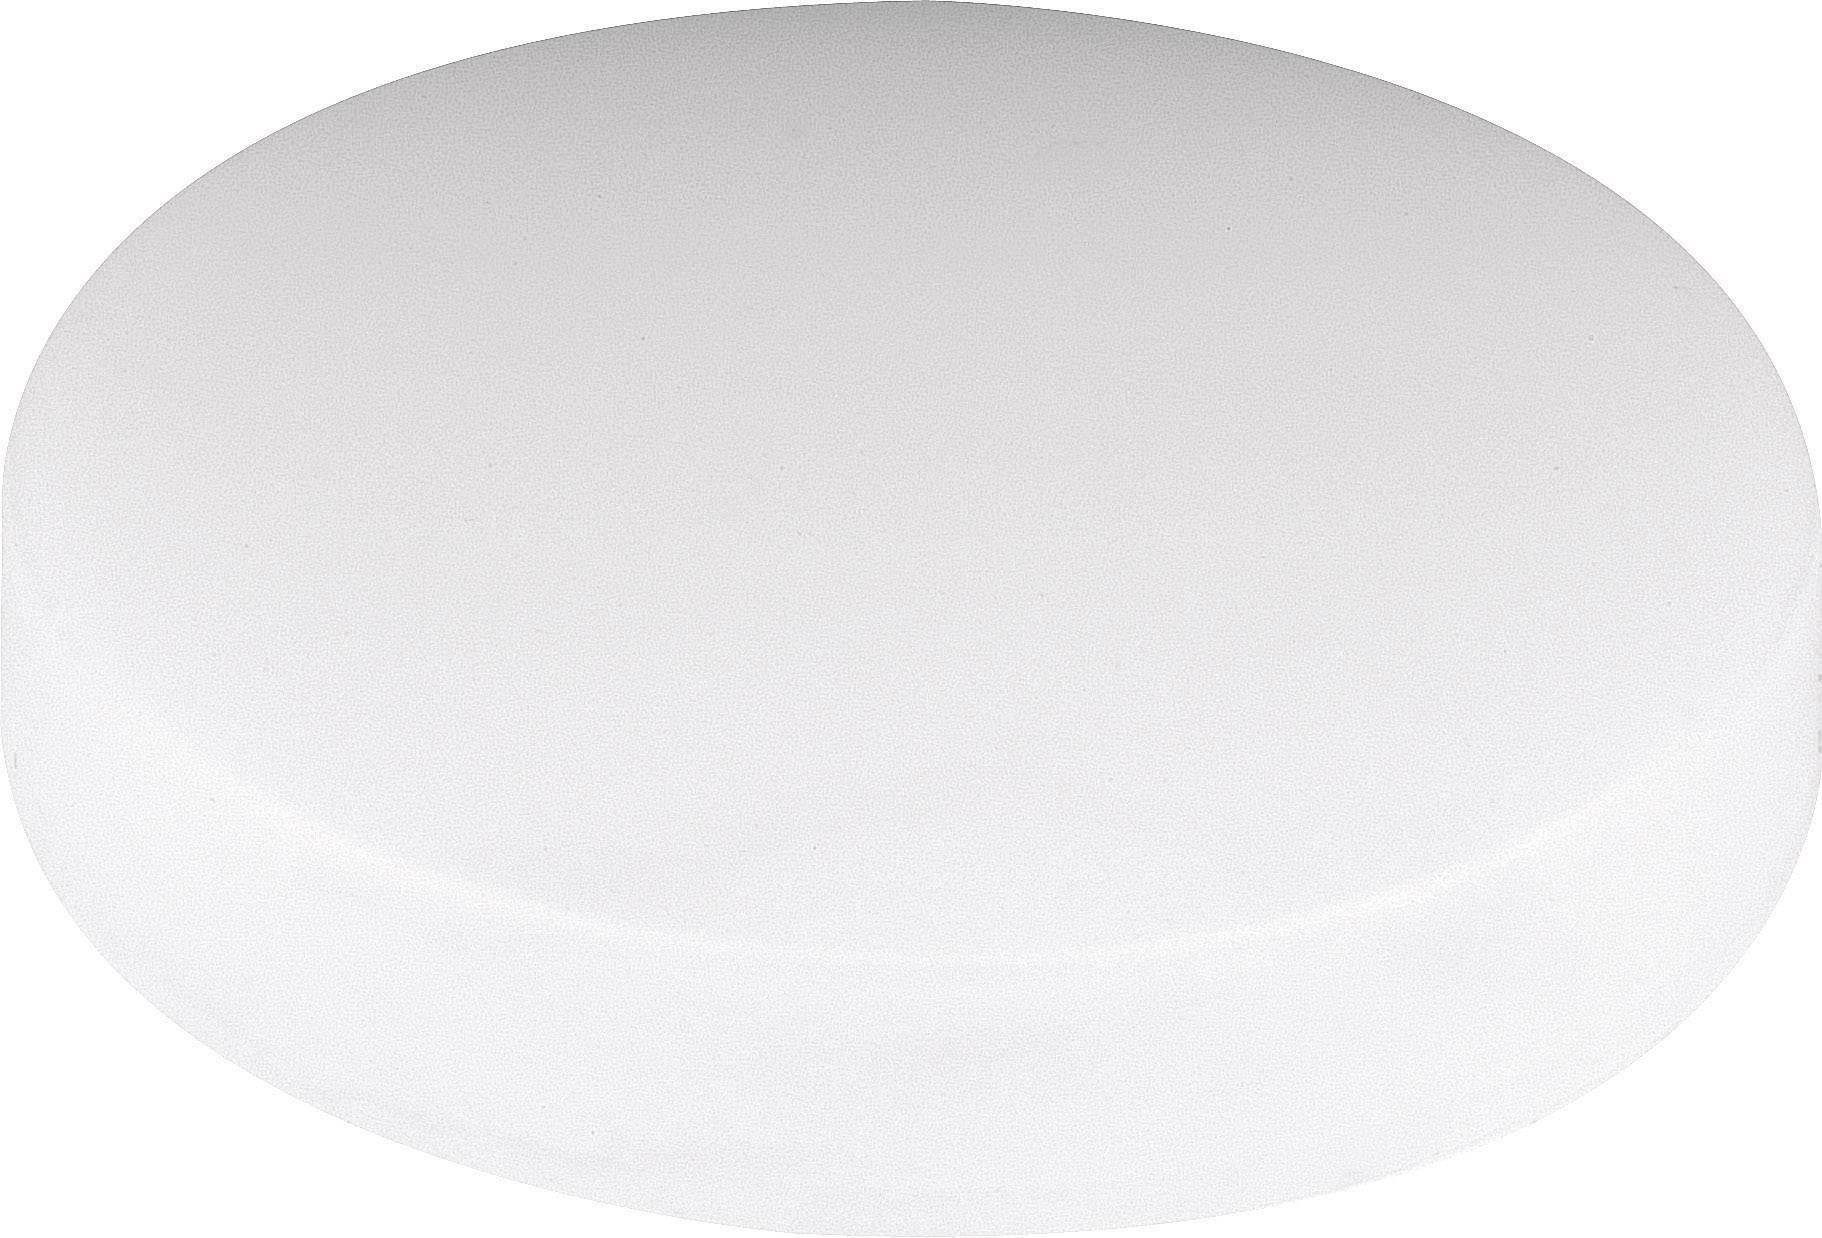 Světelná krytka pro reflektor Mentor, 2450.0300, 12 mm, (Ø x v) 13.3 mm x 3 mm, čirá